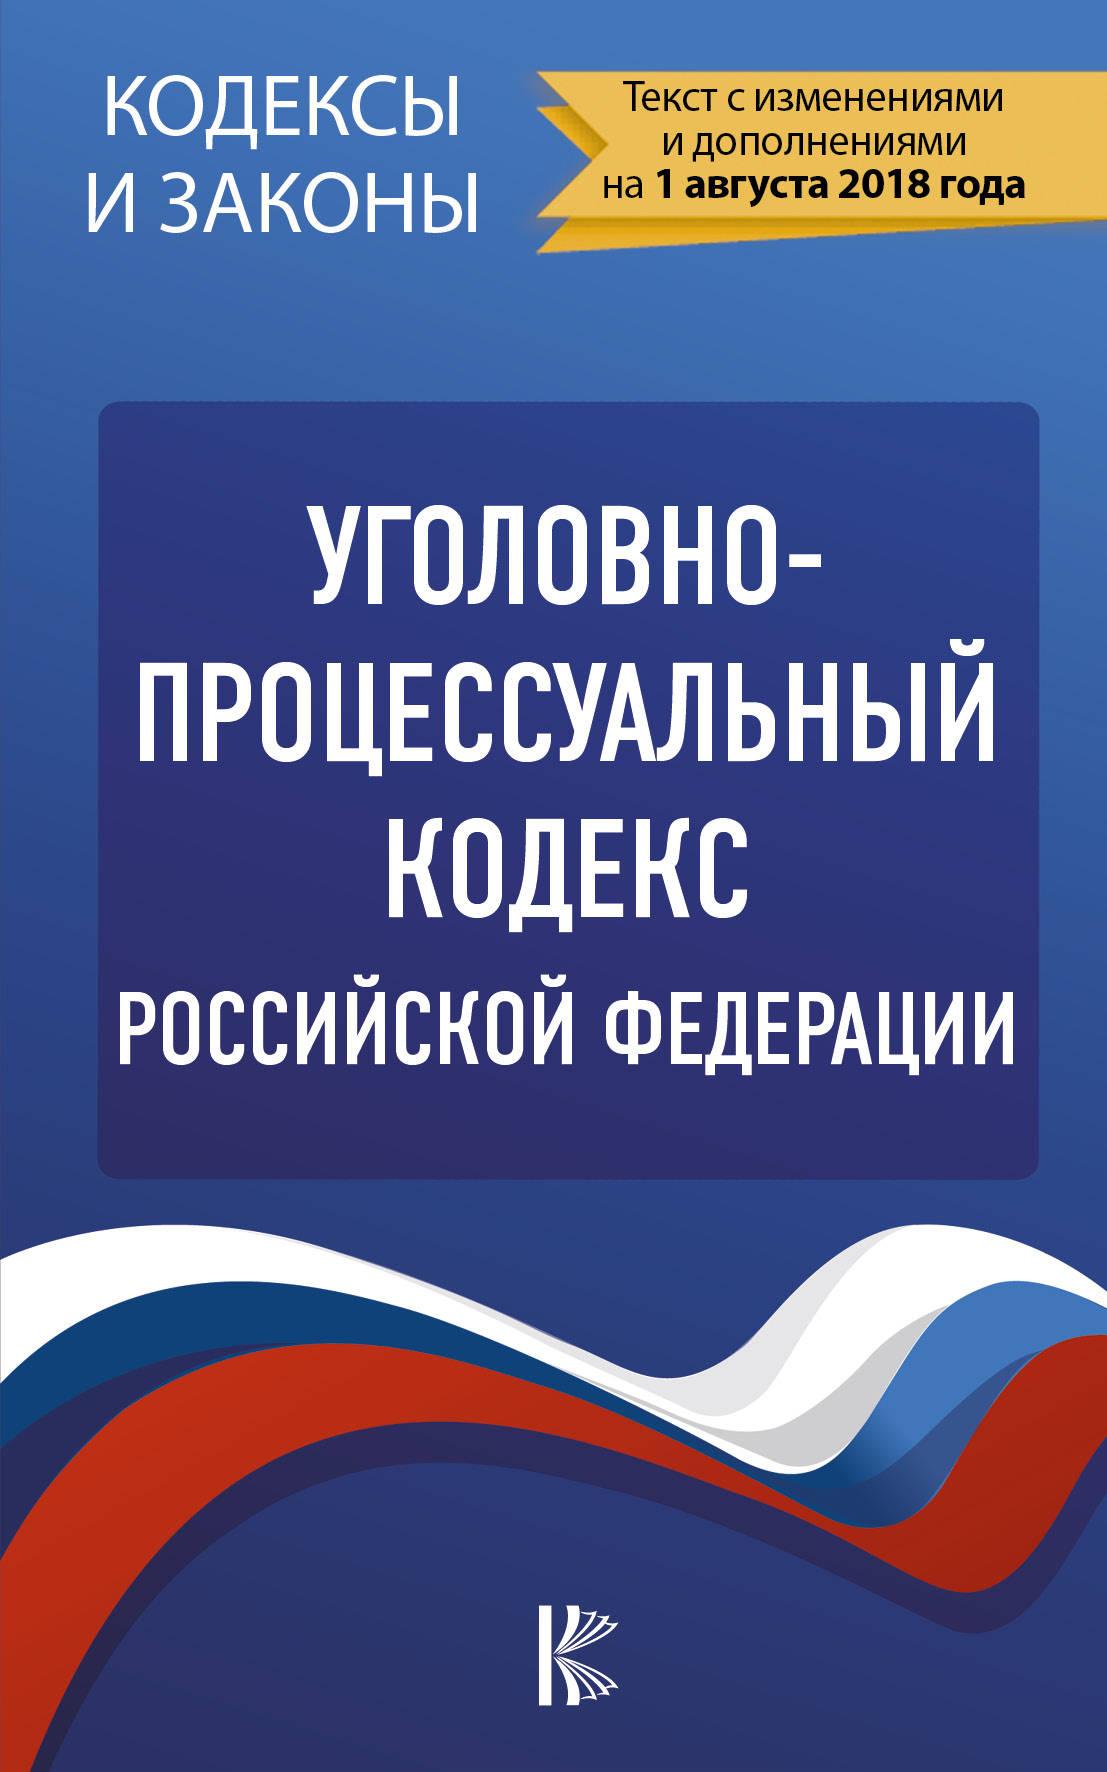 Уголовно-процессуальный кодекс Российской Федерации уголовно исполнительный кодекс российской федерации по состоянию на 2012 год isbn 9785425206558